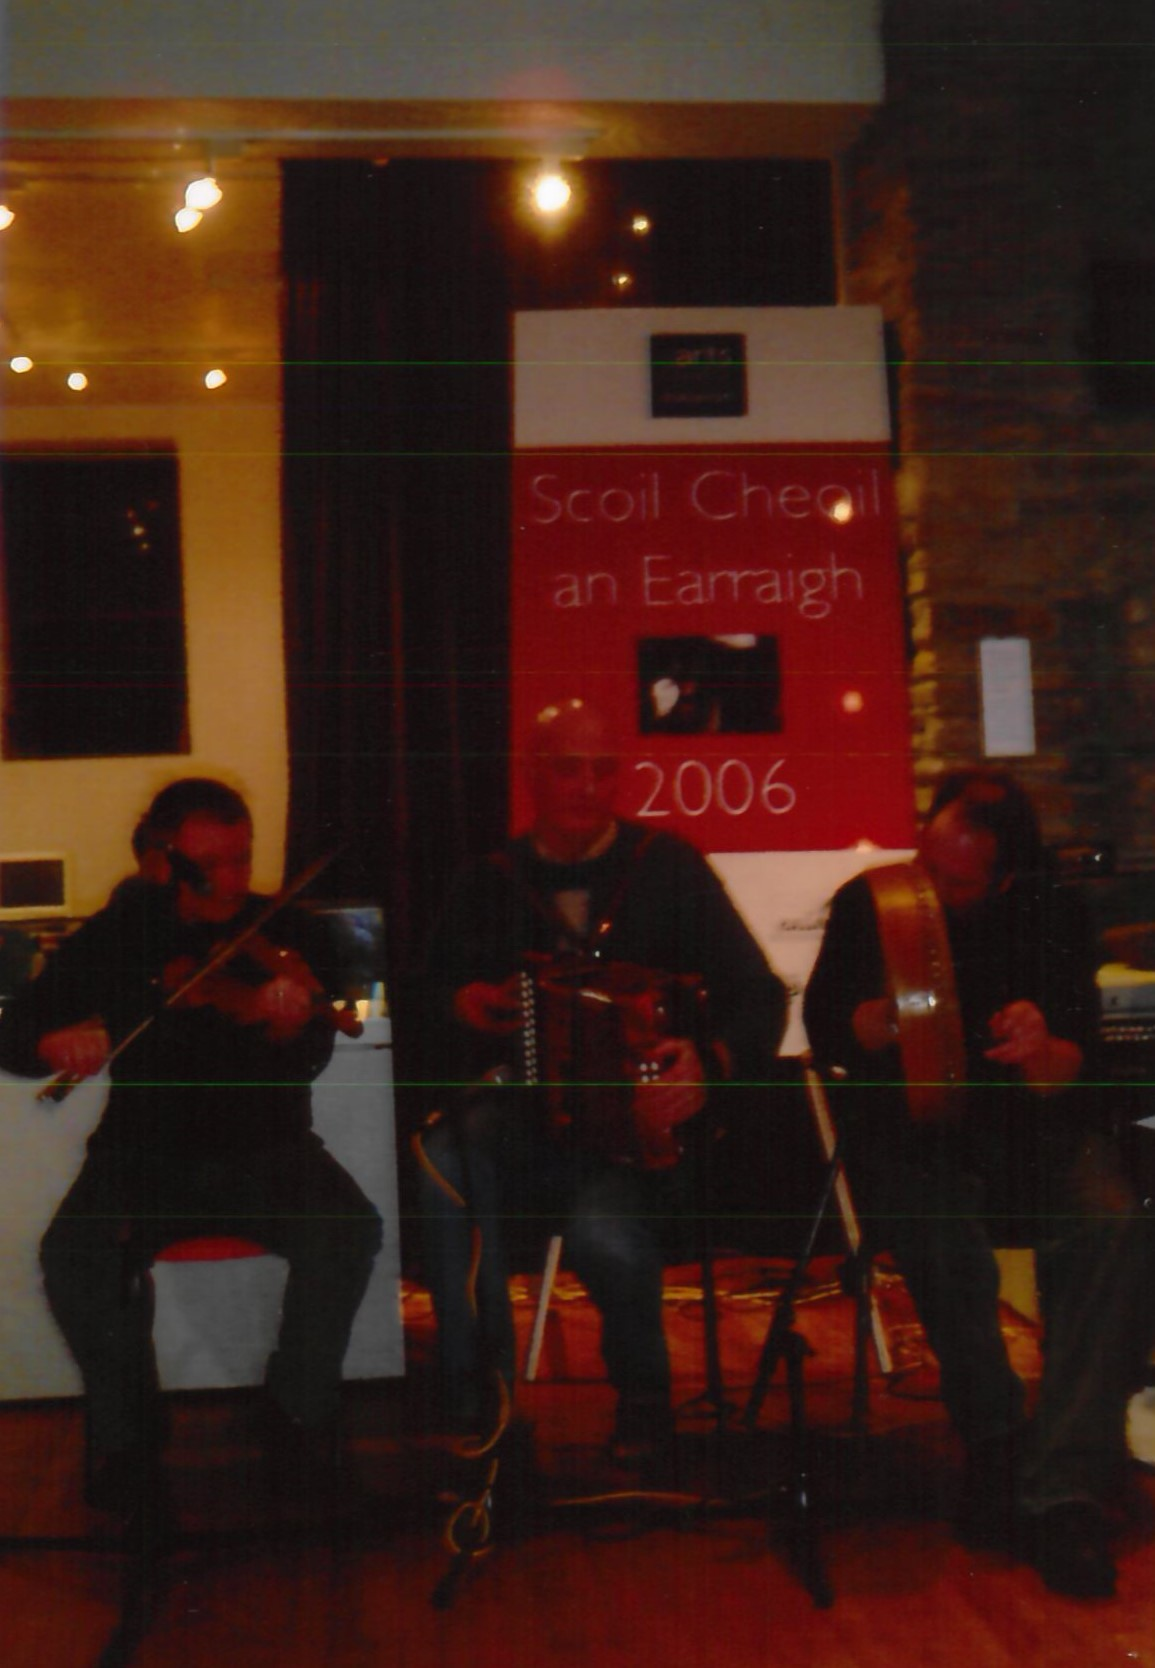 Oscailt Oifigiúil 2006